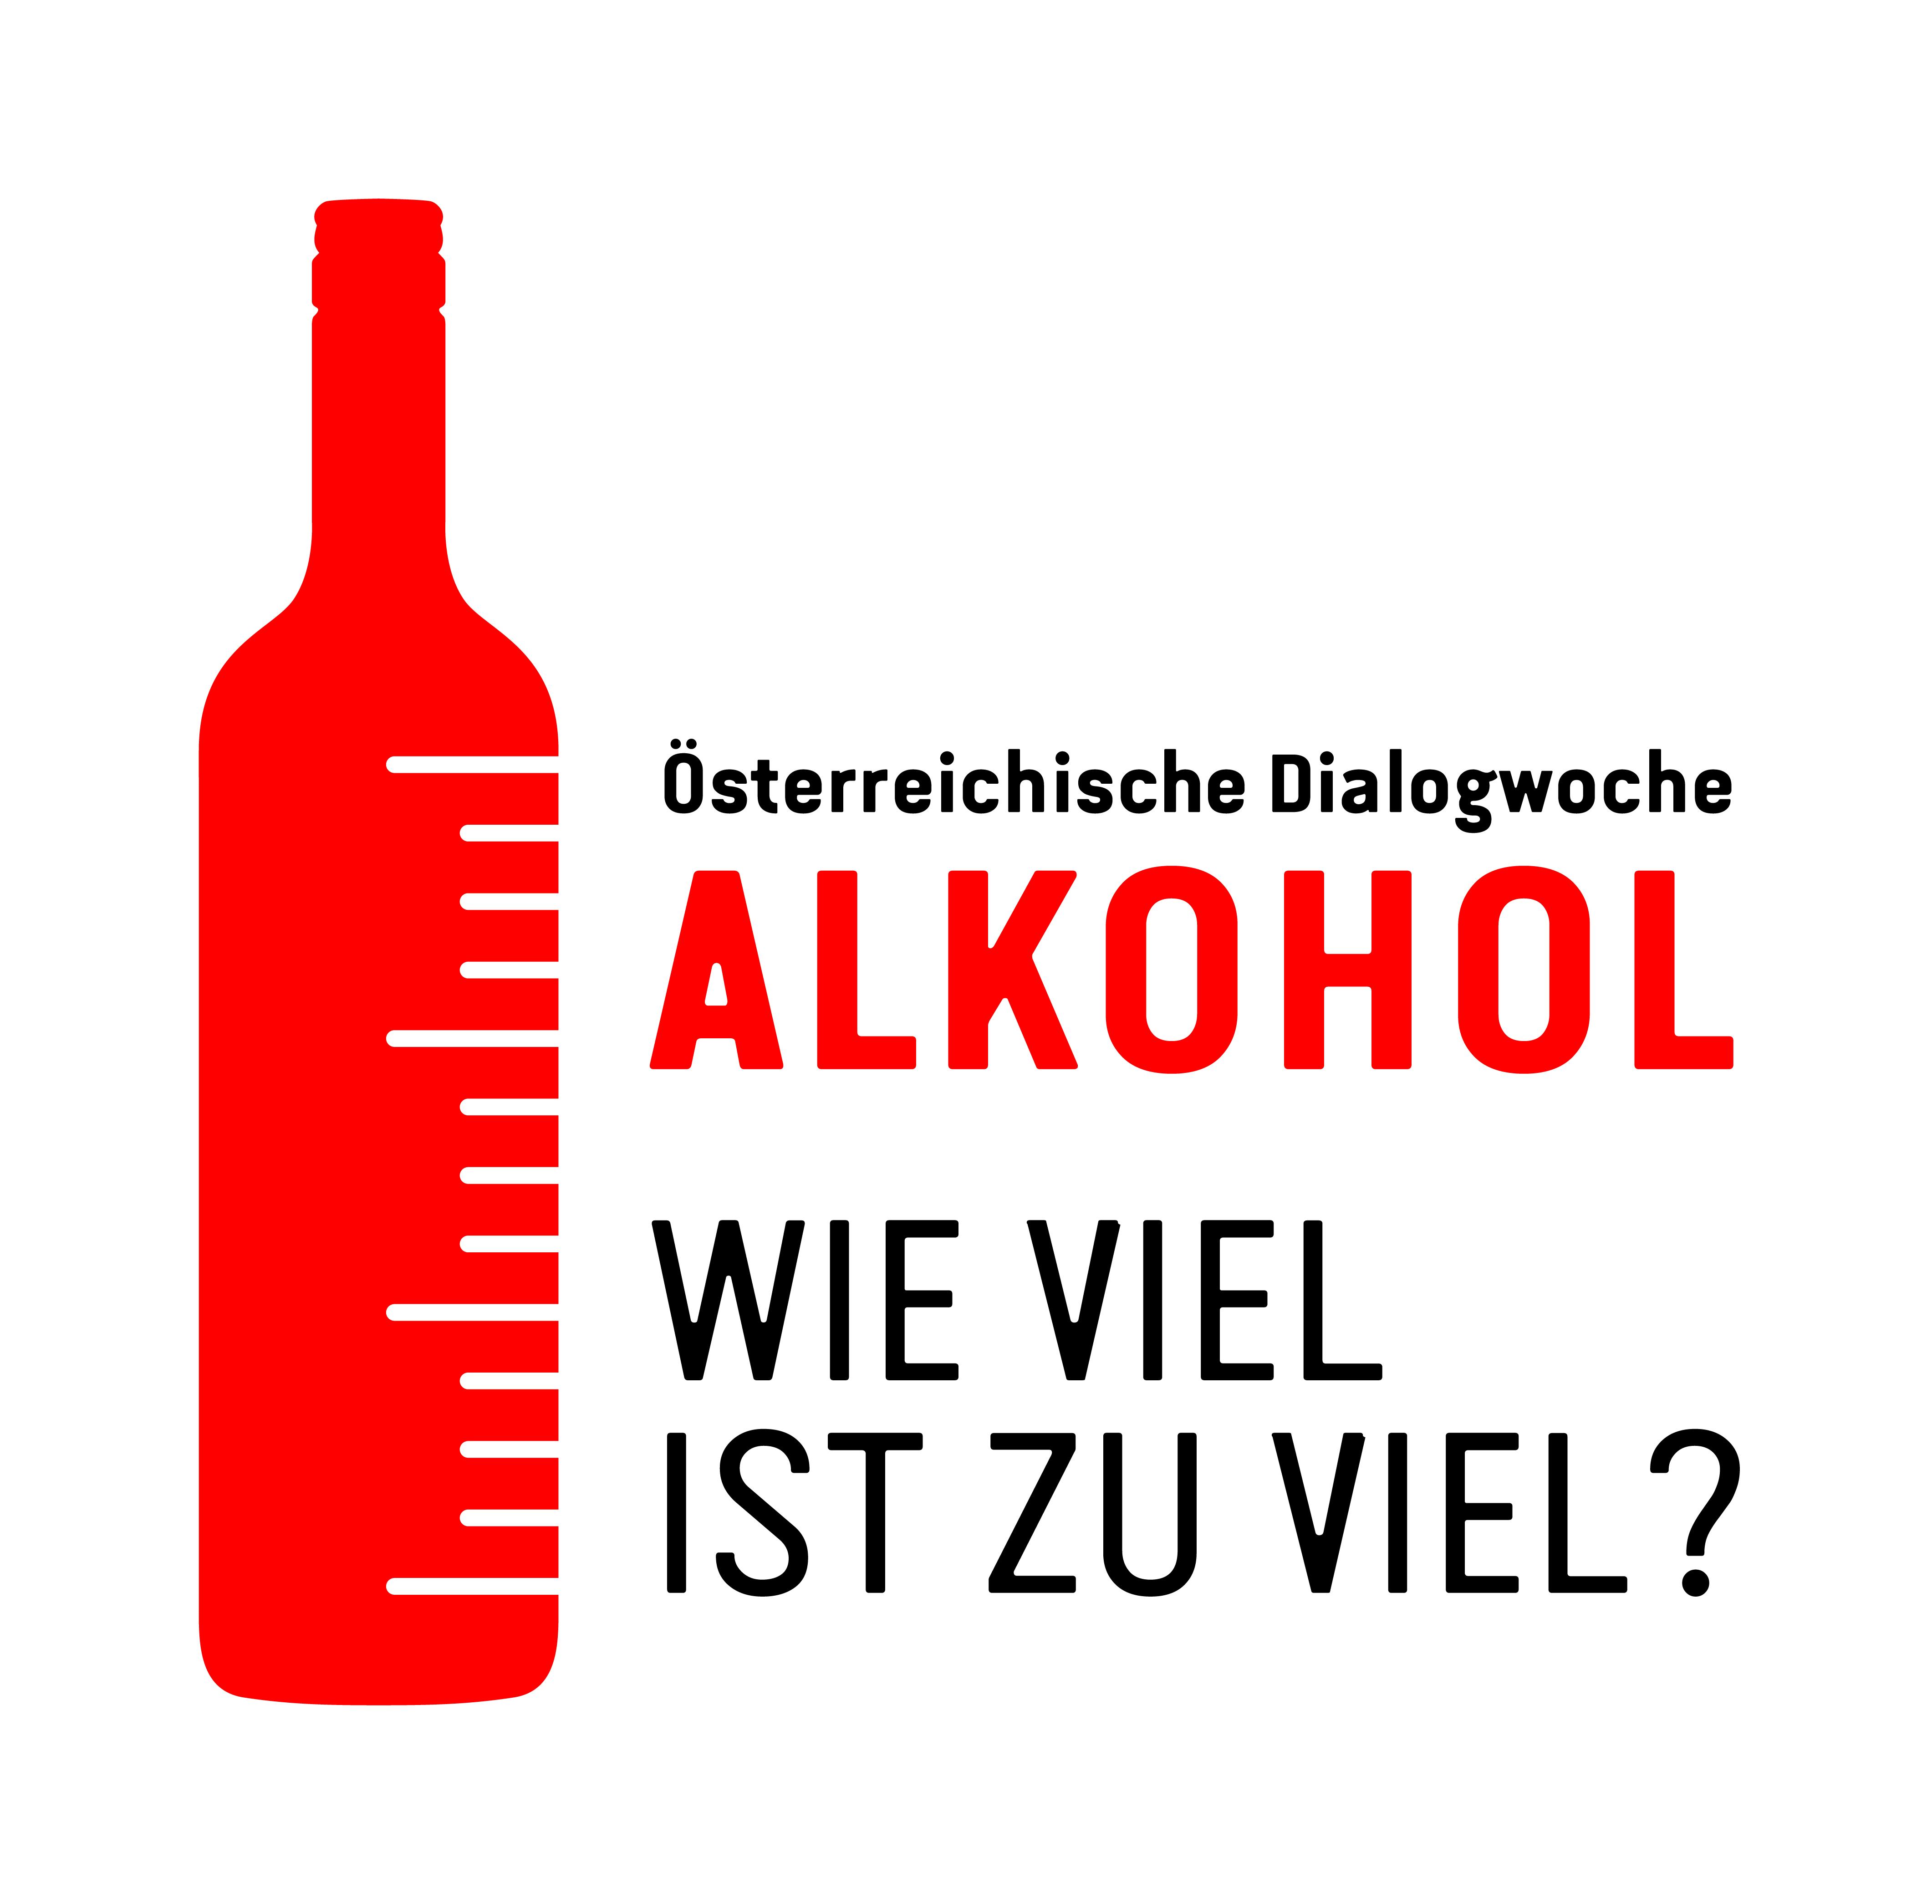 Alkohol am Arbeitsplatz – wie viel ist zu viel?